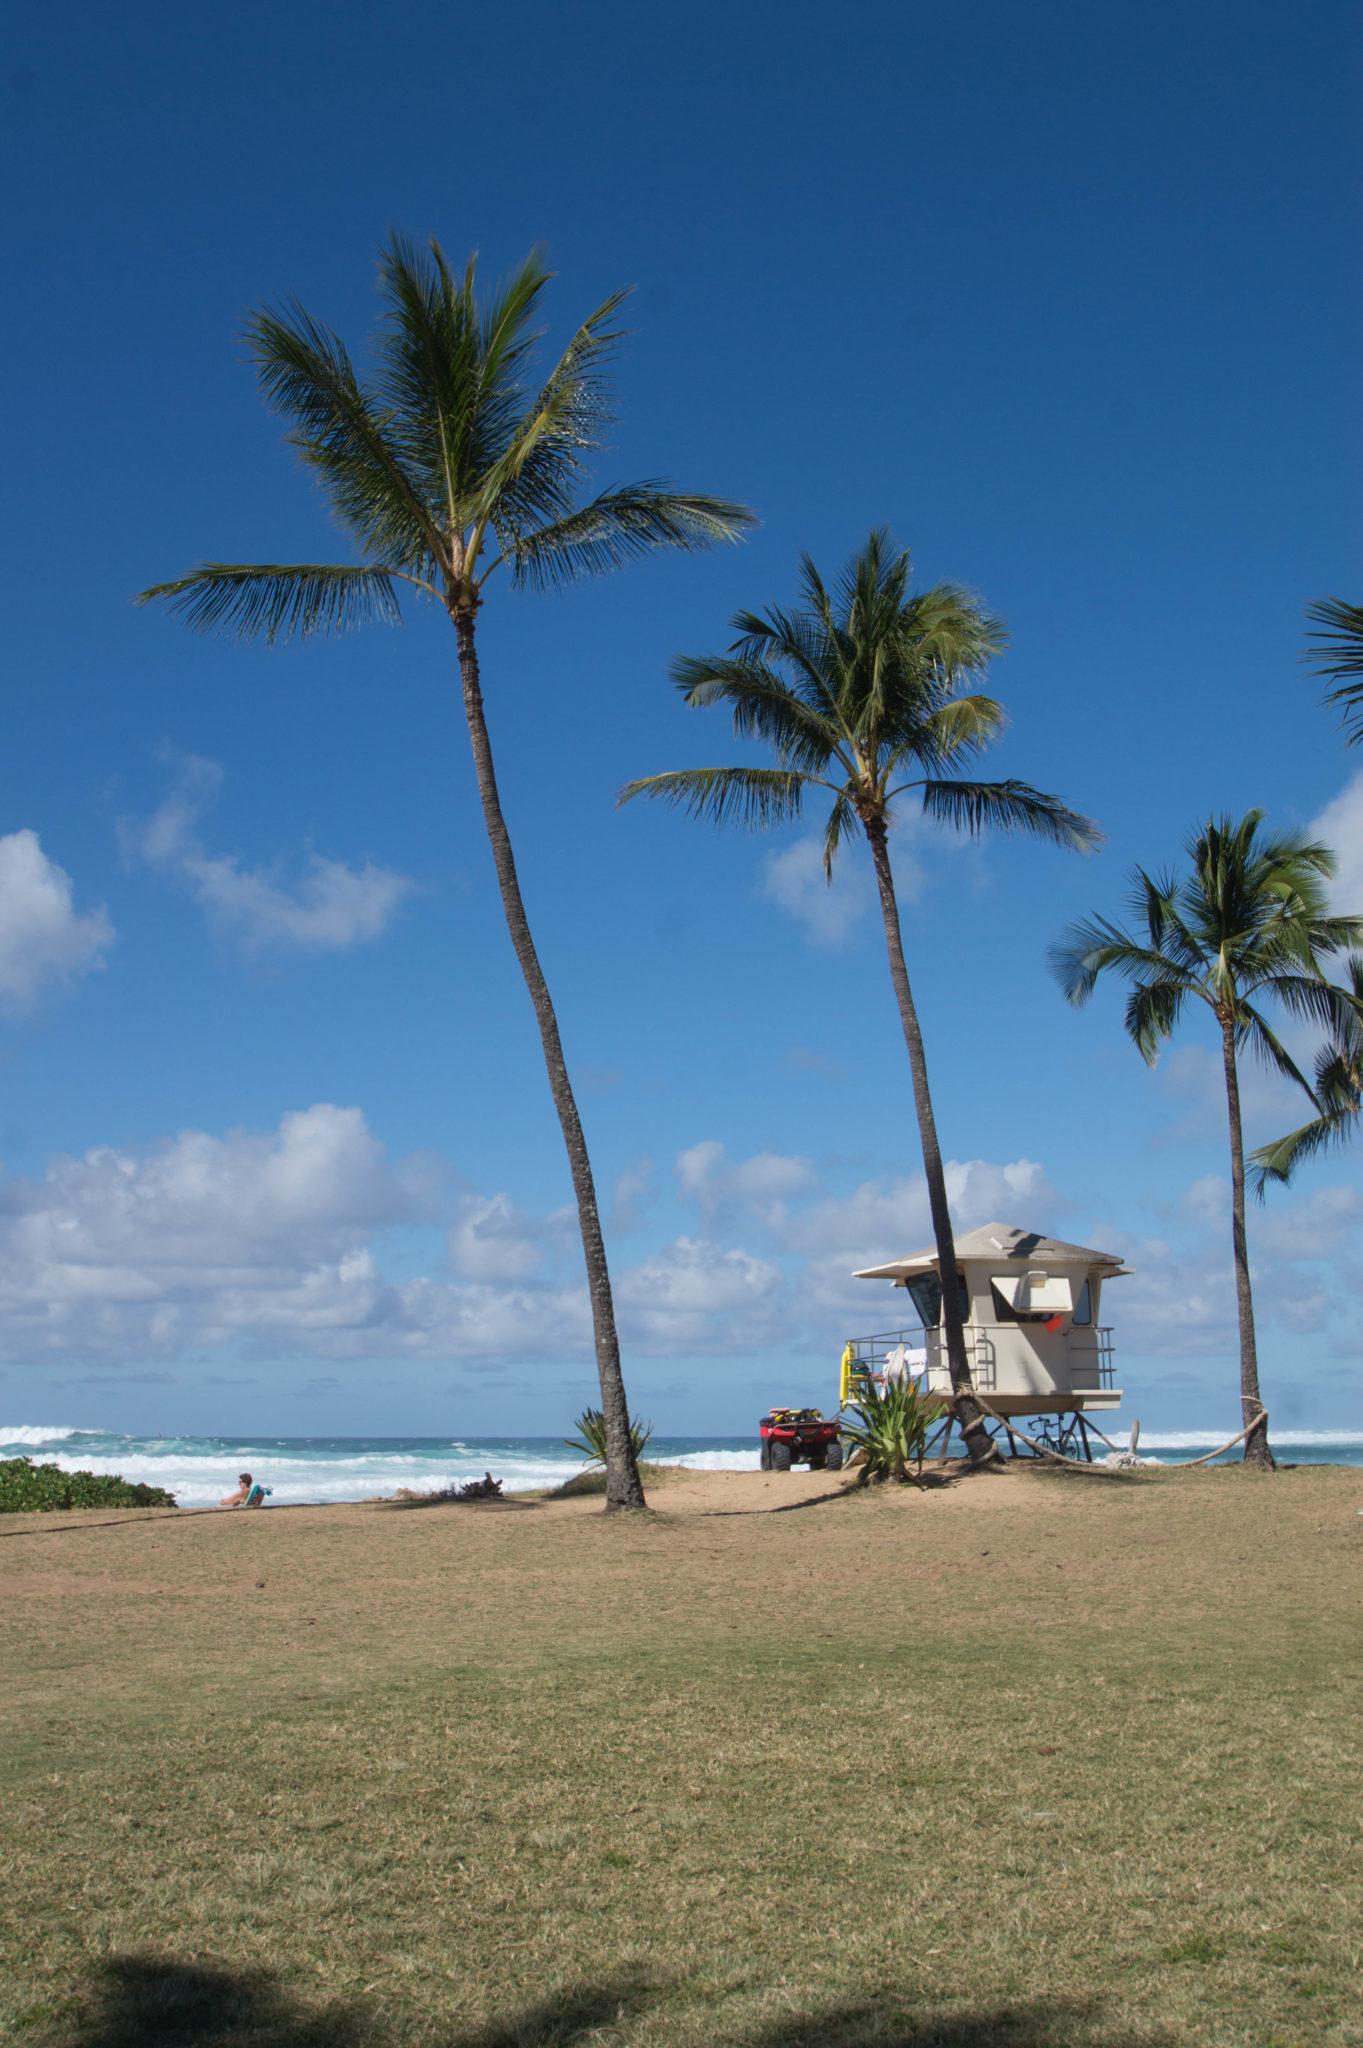 Oahu Hawaii Sehenswürdigkeiten: Tipps & Routenvorschlag für drei Tage Oahu